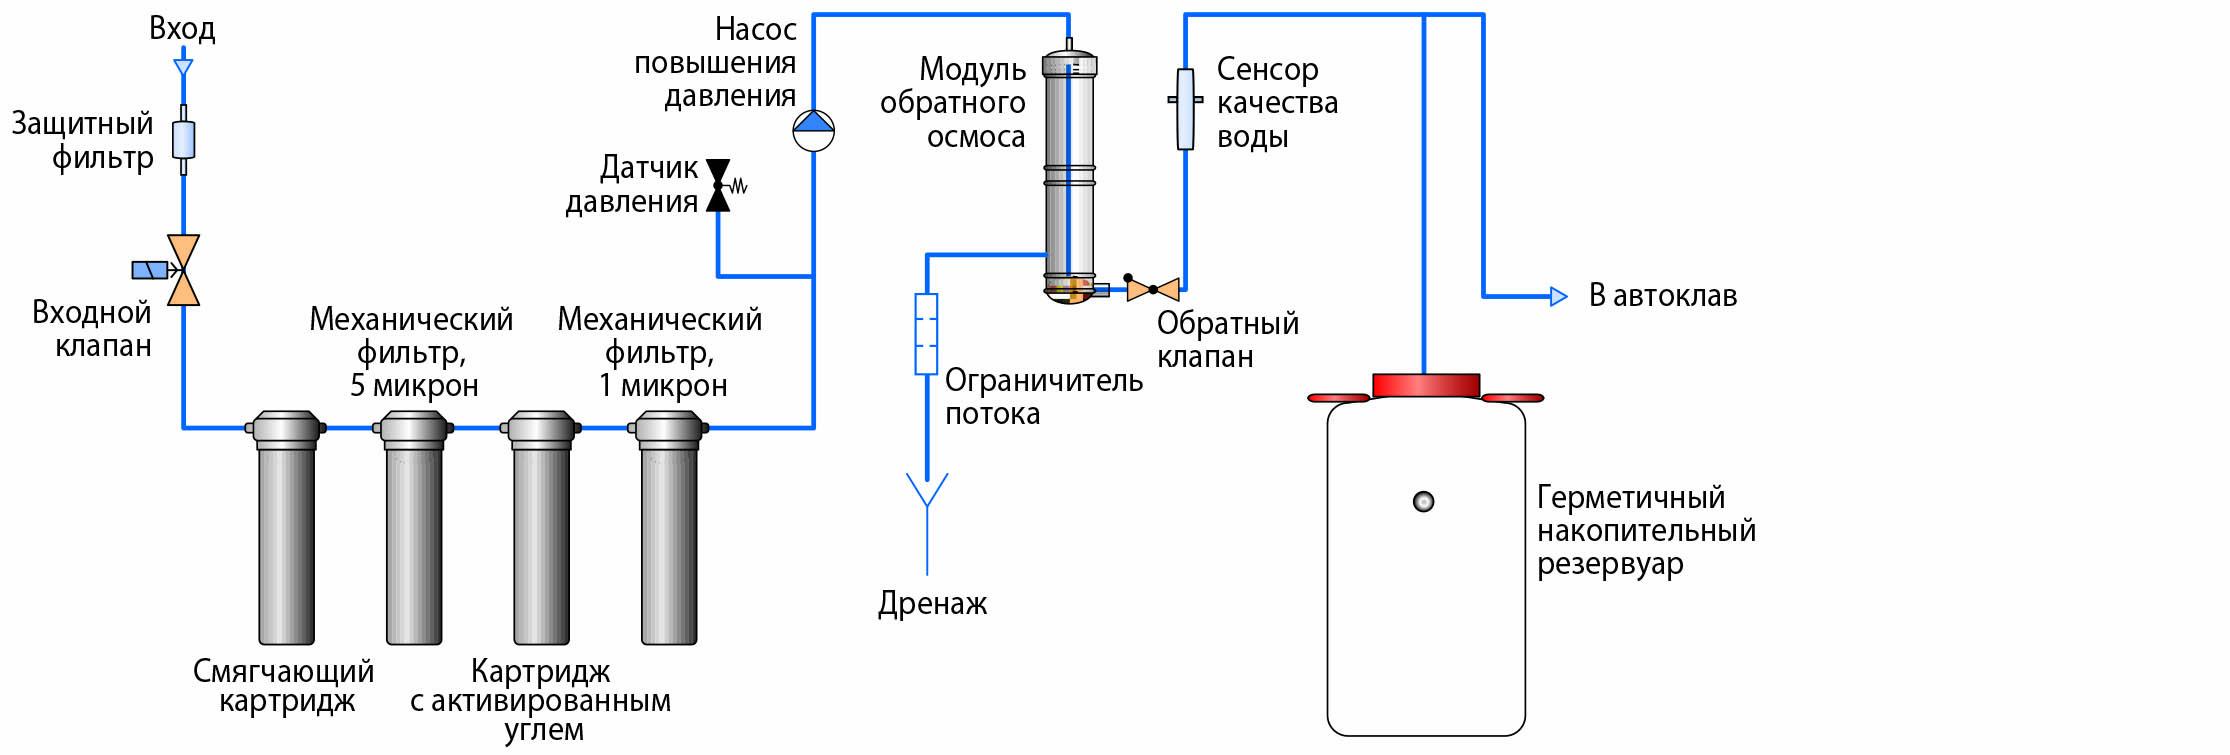 Фильтр для воды с обратным осмосом, какой лучше: принцип работы и установка